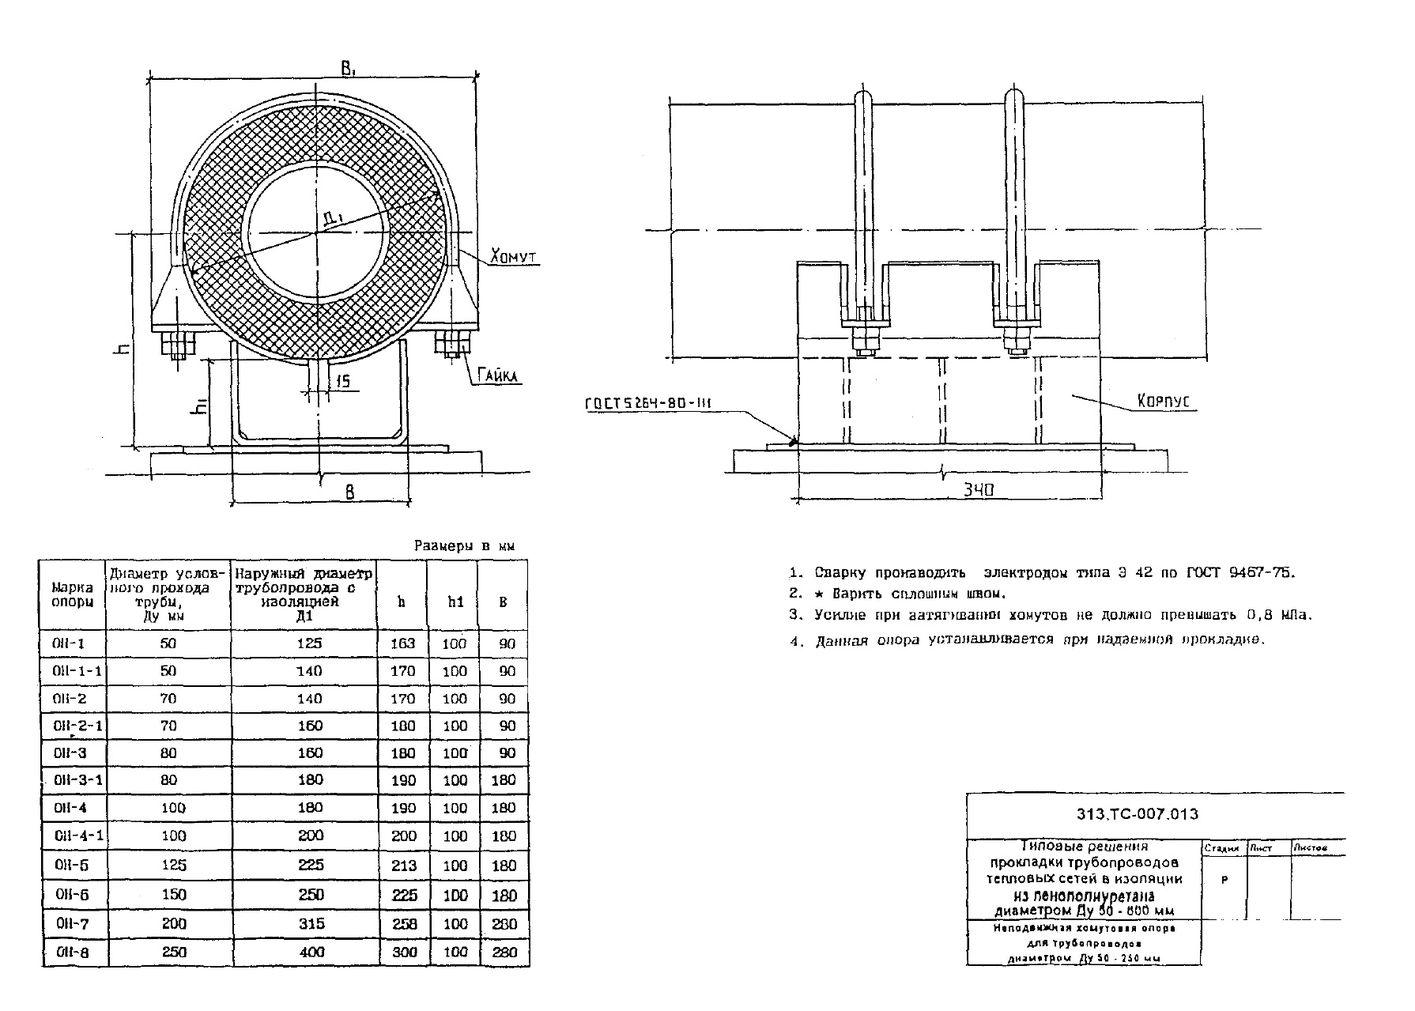 Неподвижная хомутовая опора для трубопроводов Ду50-250 313.ТС-007.013